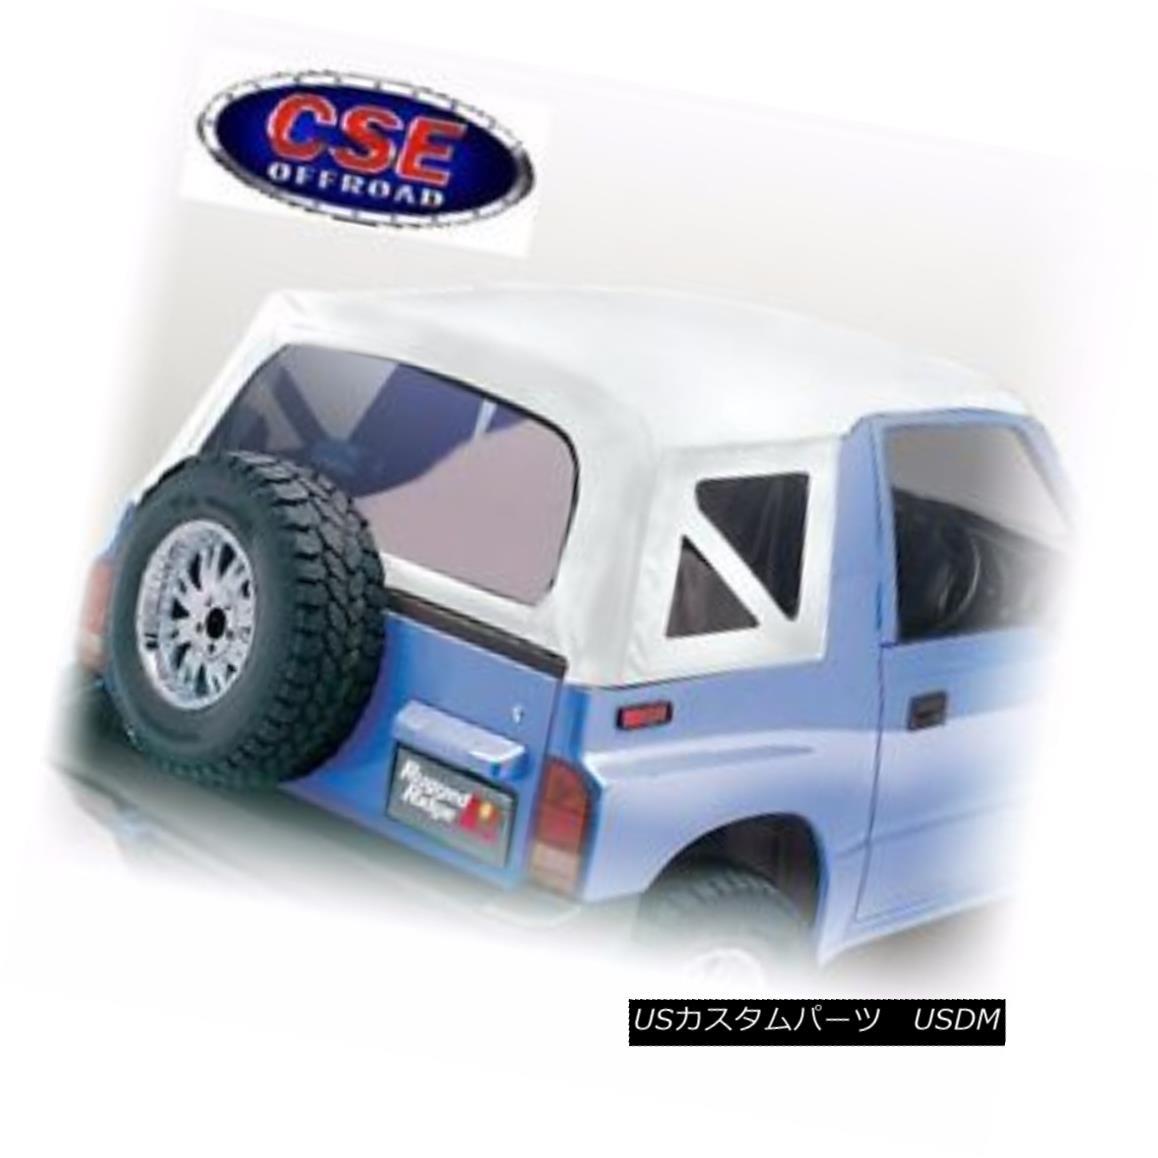 幌・ソフトトップ Soft Top White Denim Clear Windows Suzuki Sidekick 1988-94 53702.52 Rugged Ridge ソフトトップホワイトデニムクリアWindows Suzuki Sidekick 1988-94 53702.52 Rugged Ridge